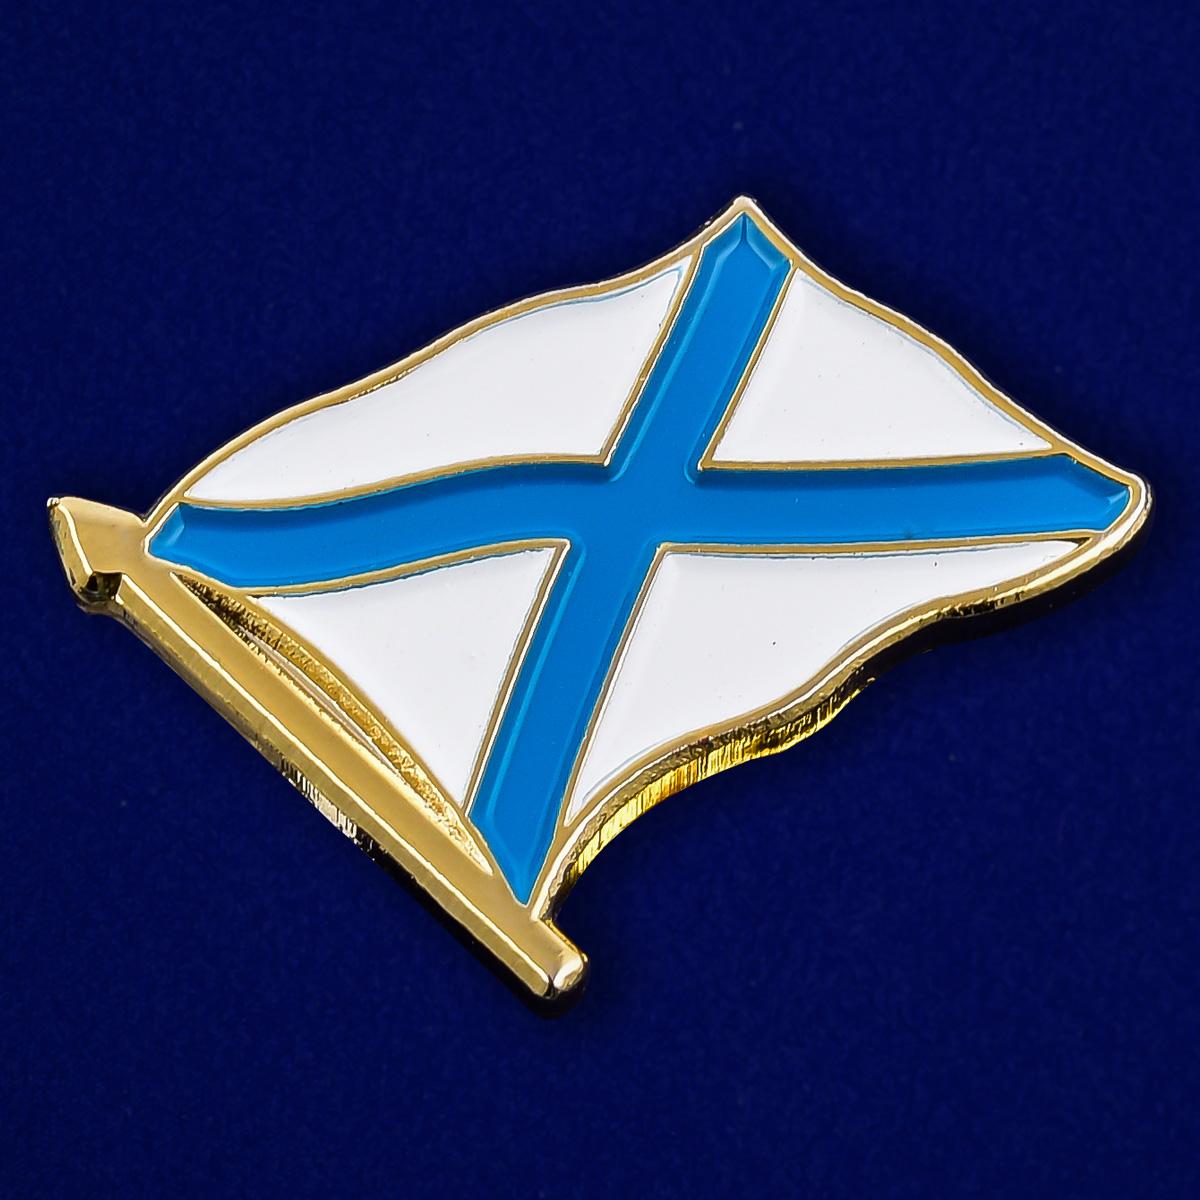 Спешите заказать значок «Андреевский флаг» в Военторге Военпро